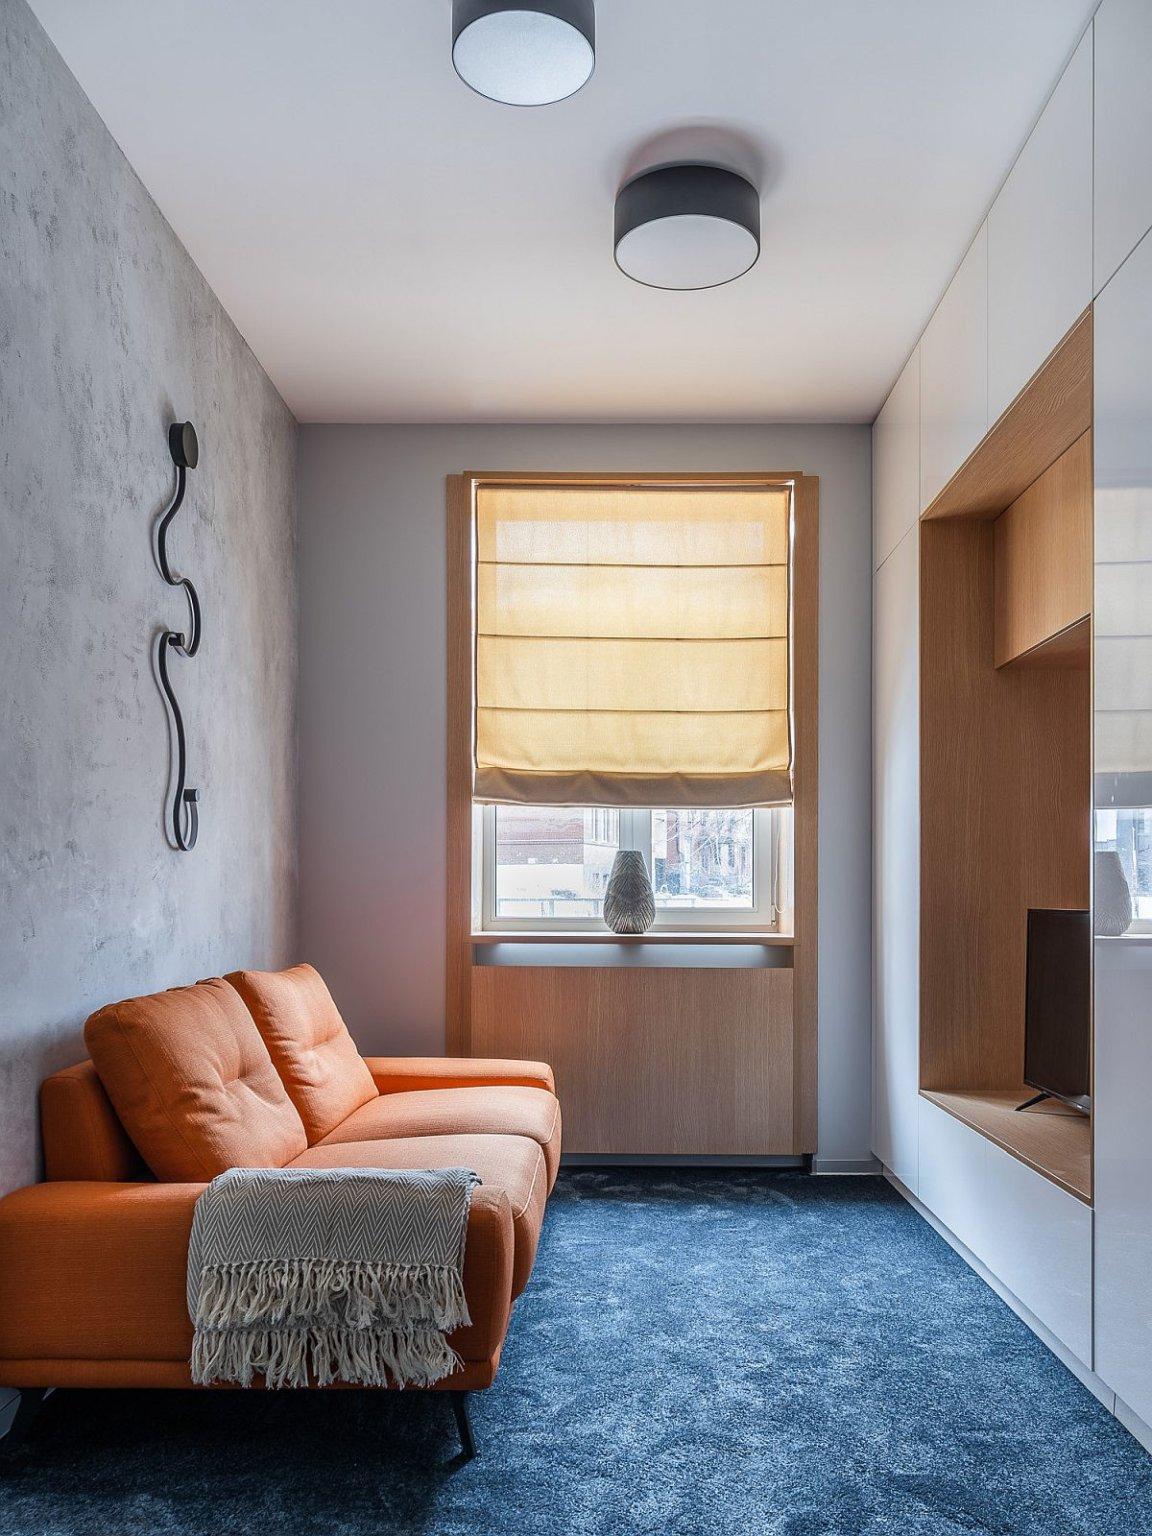 hình ảnh phòng khách tối giản với thảm trải màu xanh dương, ghế sofa màu nâu sáng, cửa sổ kính